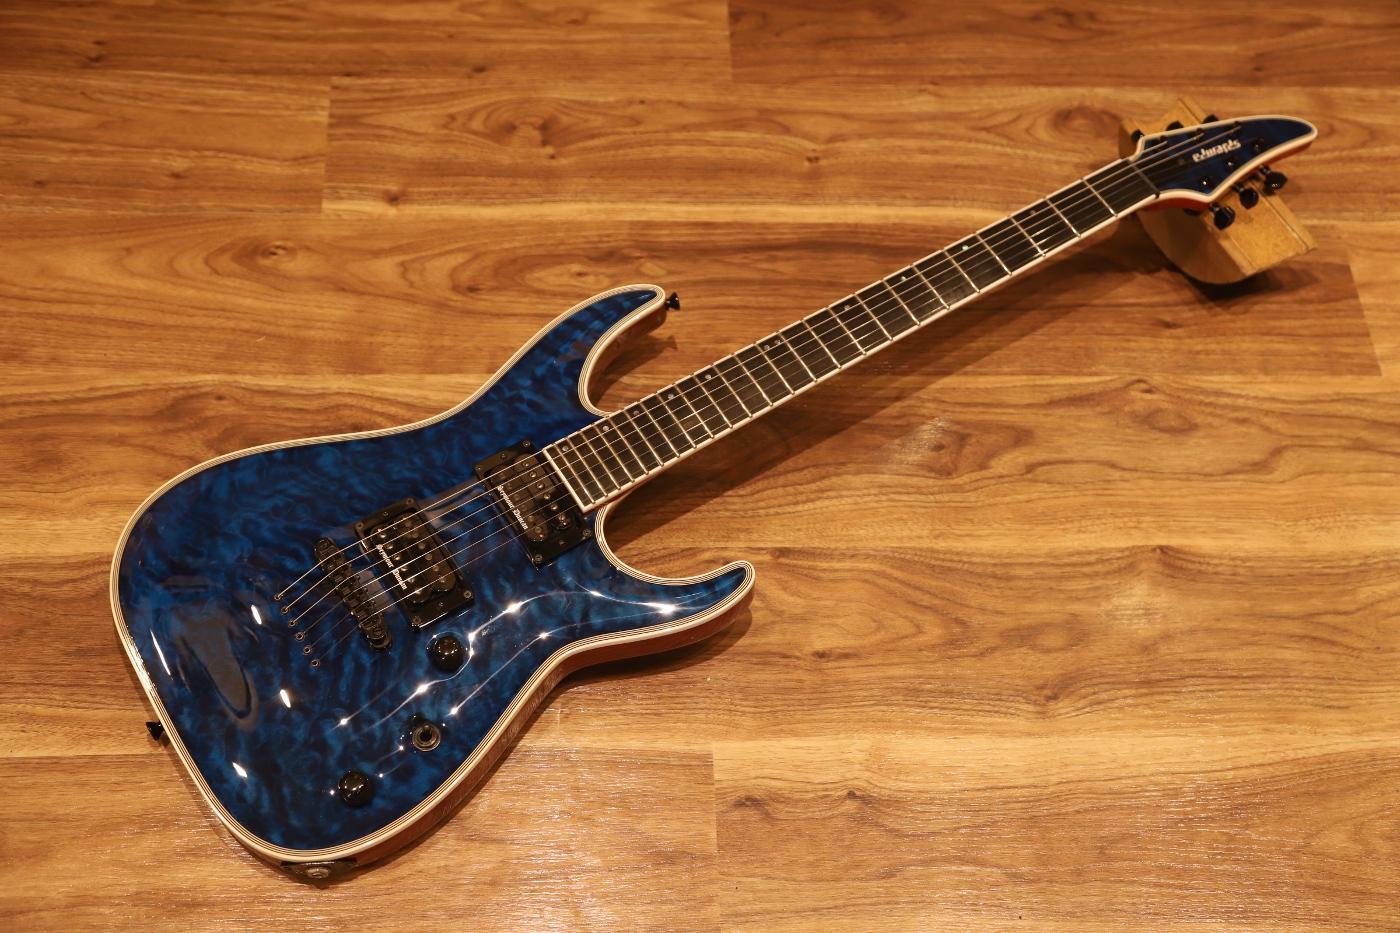 【アウトレット特価品】EDWARDS E-HR-145NT/QM  BKAQ  エドワーズ  エレキギター【送料無料&即納可能♪】